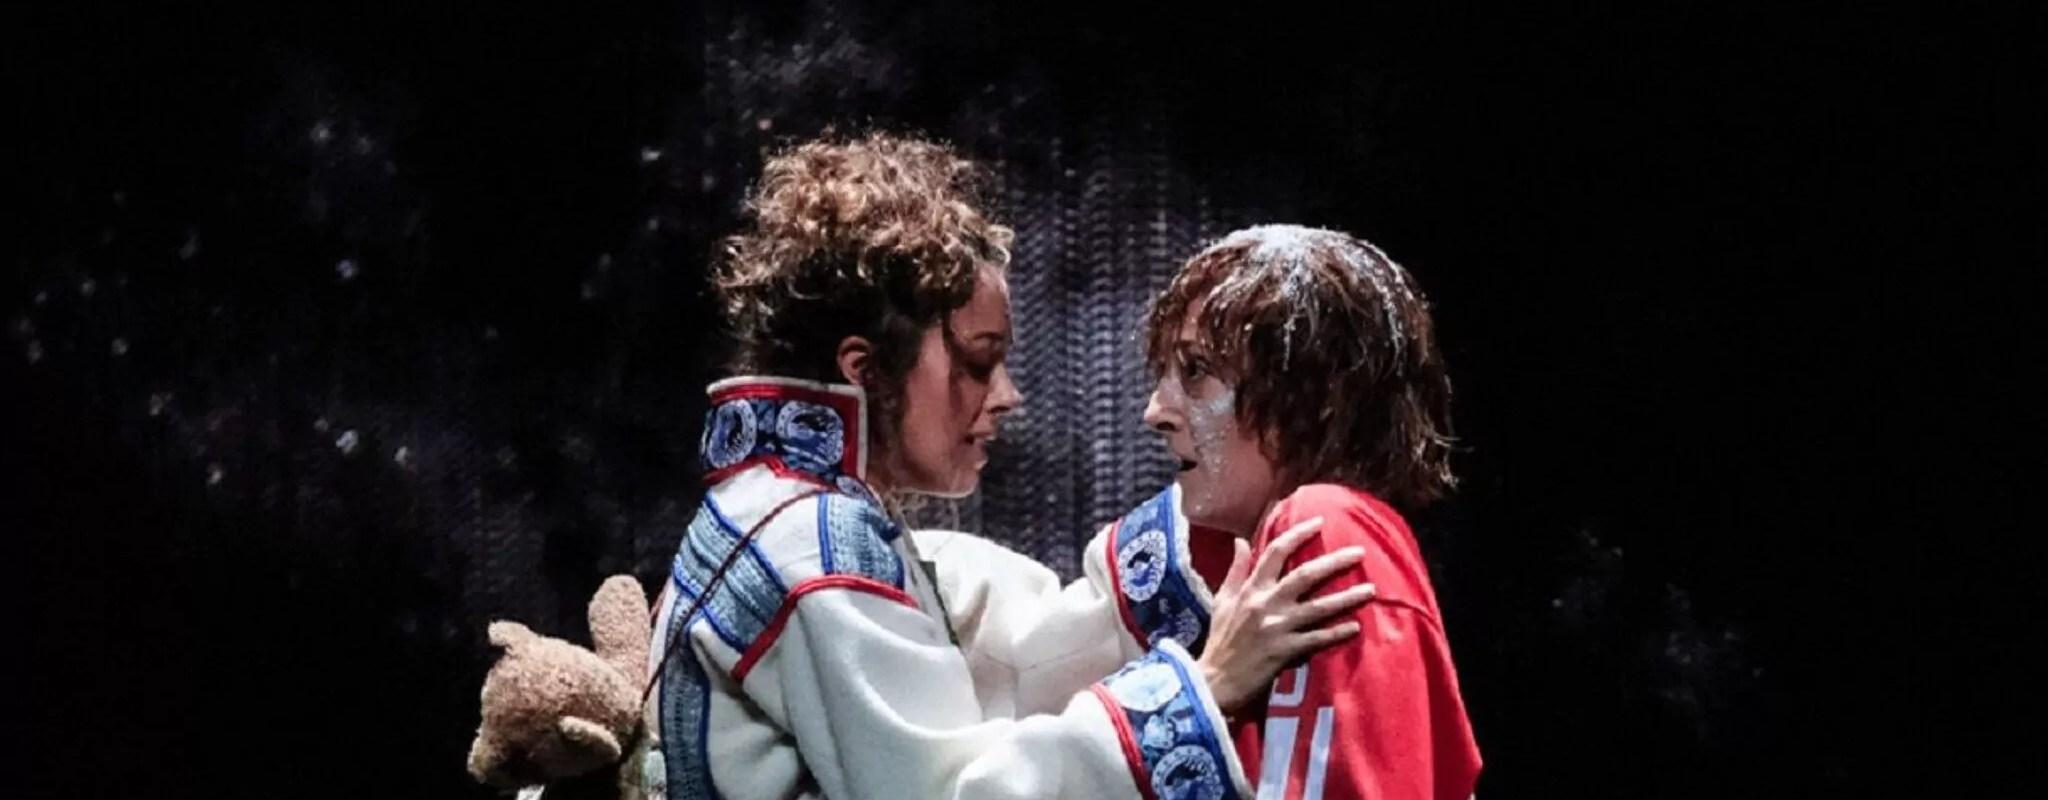 La Reine des neiges, toute en magie numérique et sonore à l'Opéra du Rhin